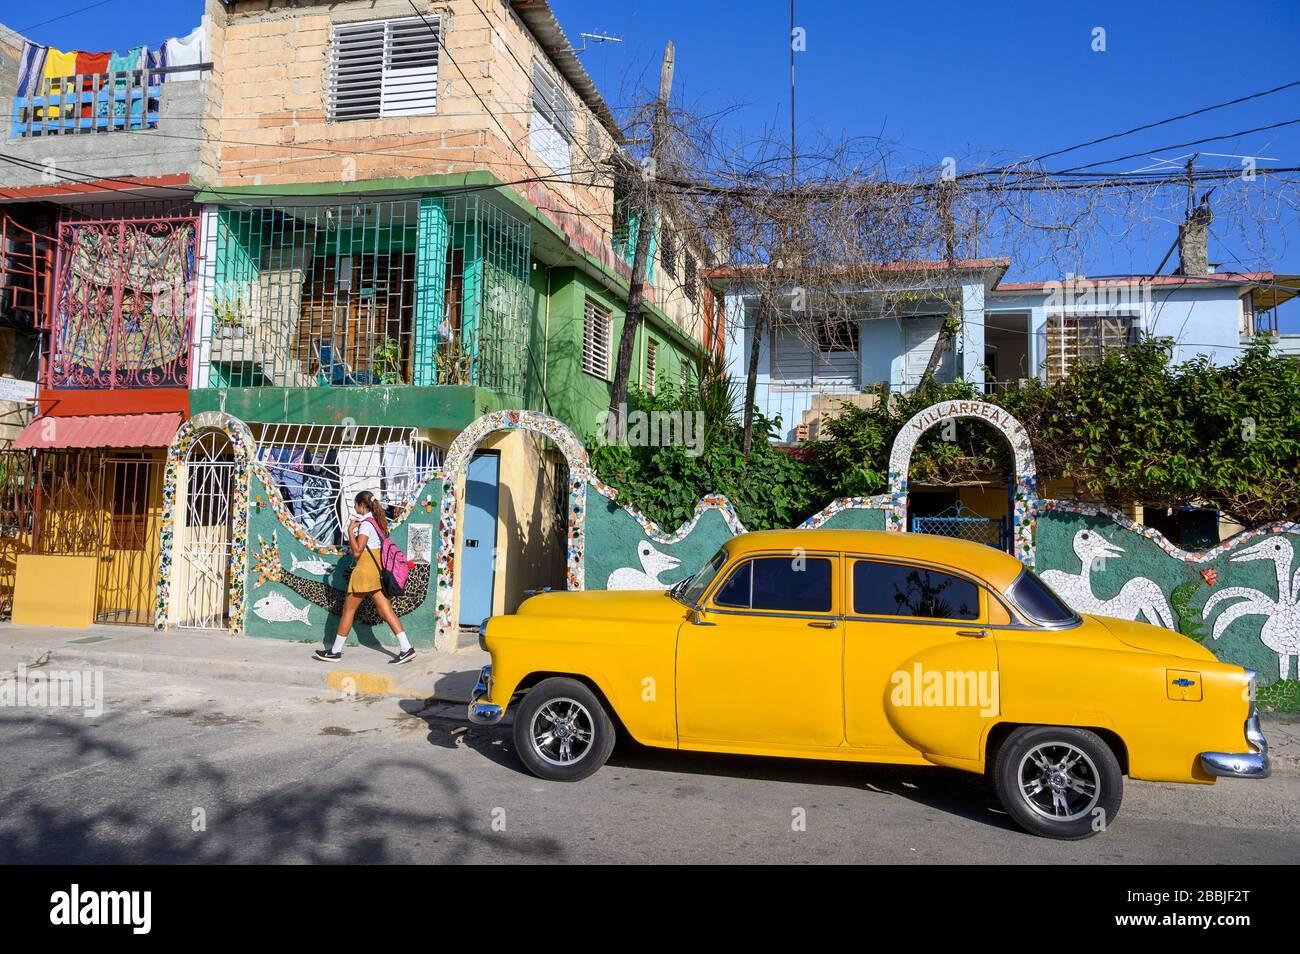 Fusterlandia, installations d'art public de l'artiste local José Fuster, avec mosaïques colorées et fantaisistes, Playa de Jaimanitas, la Havane, Cuba Banque D'Images